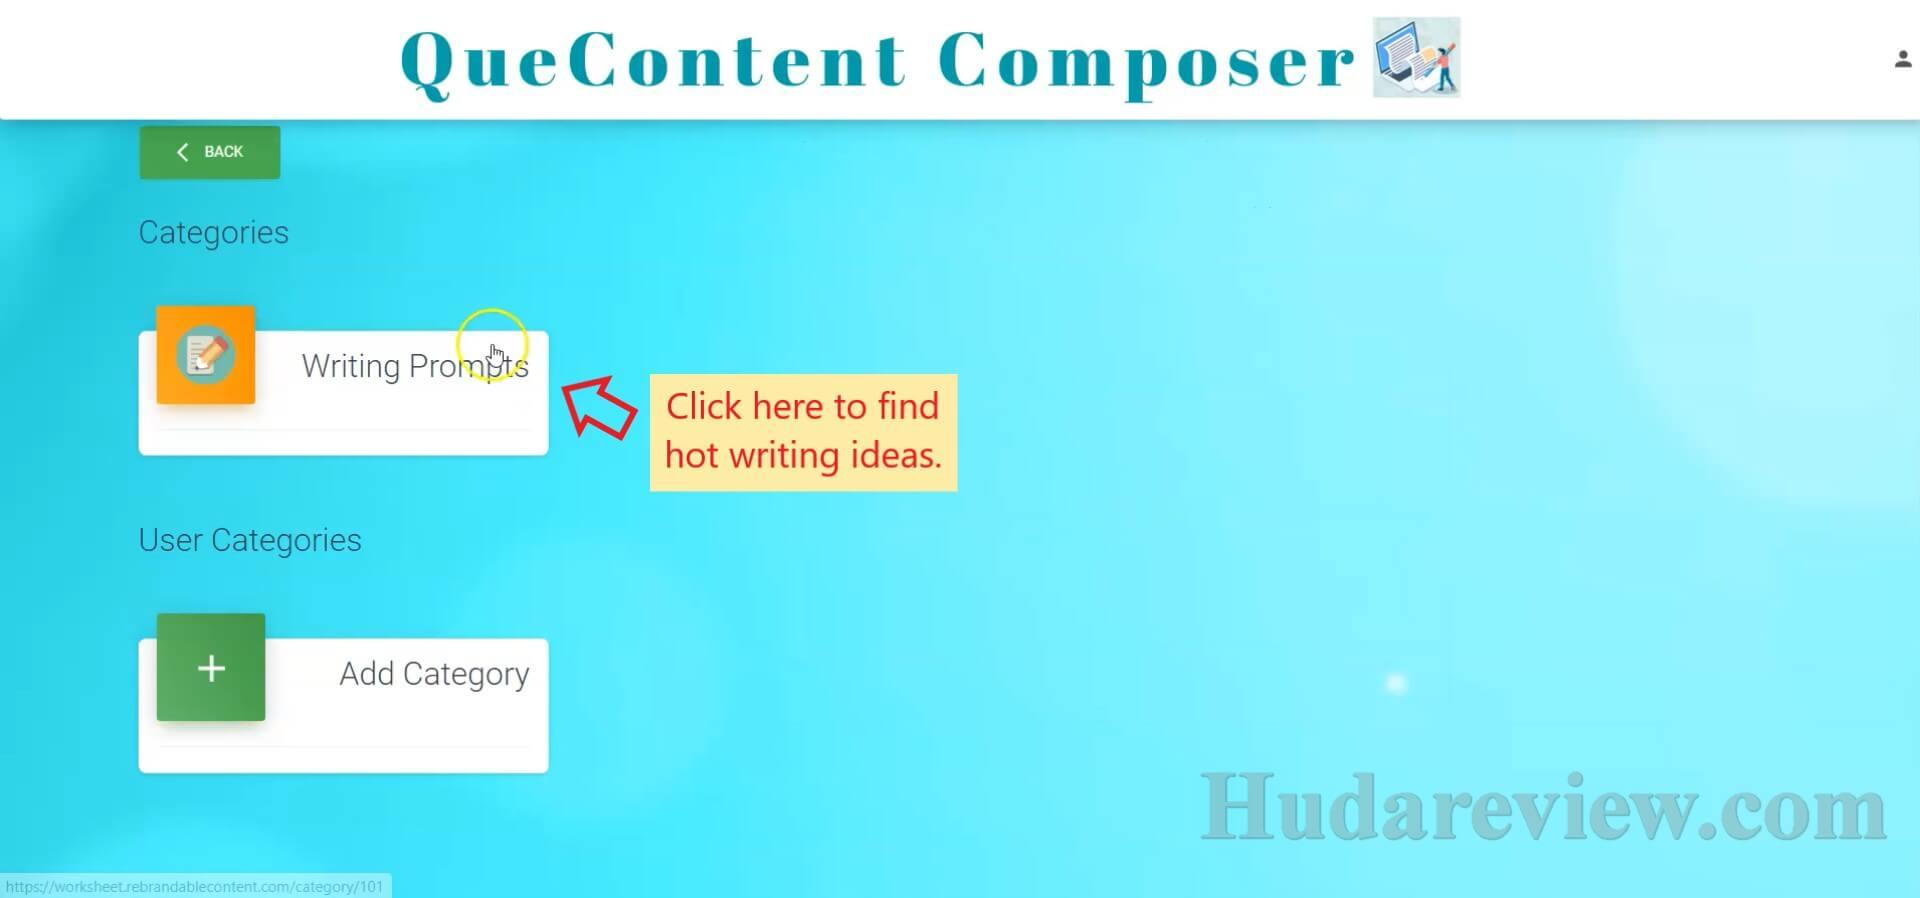 QueContent-Composer-Step-2-1